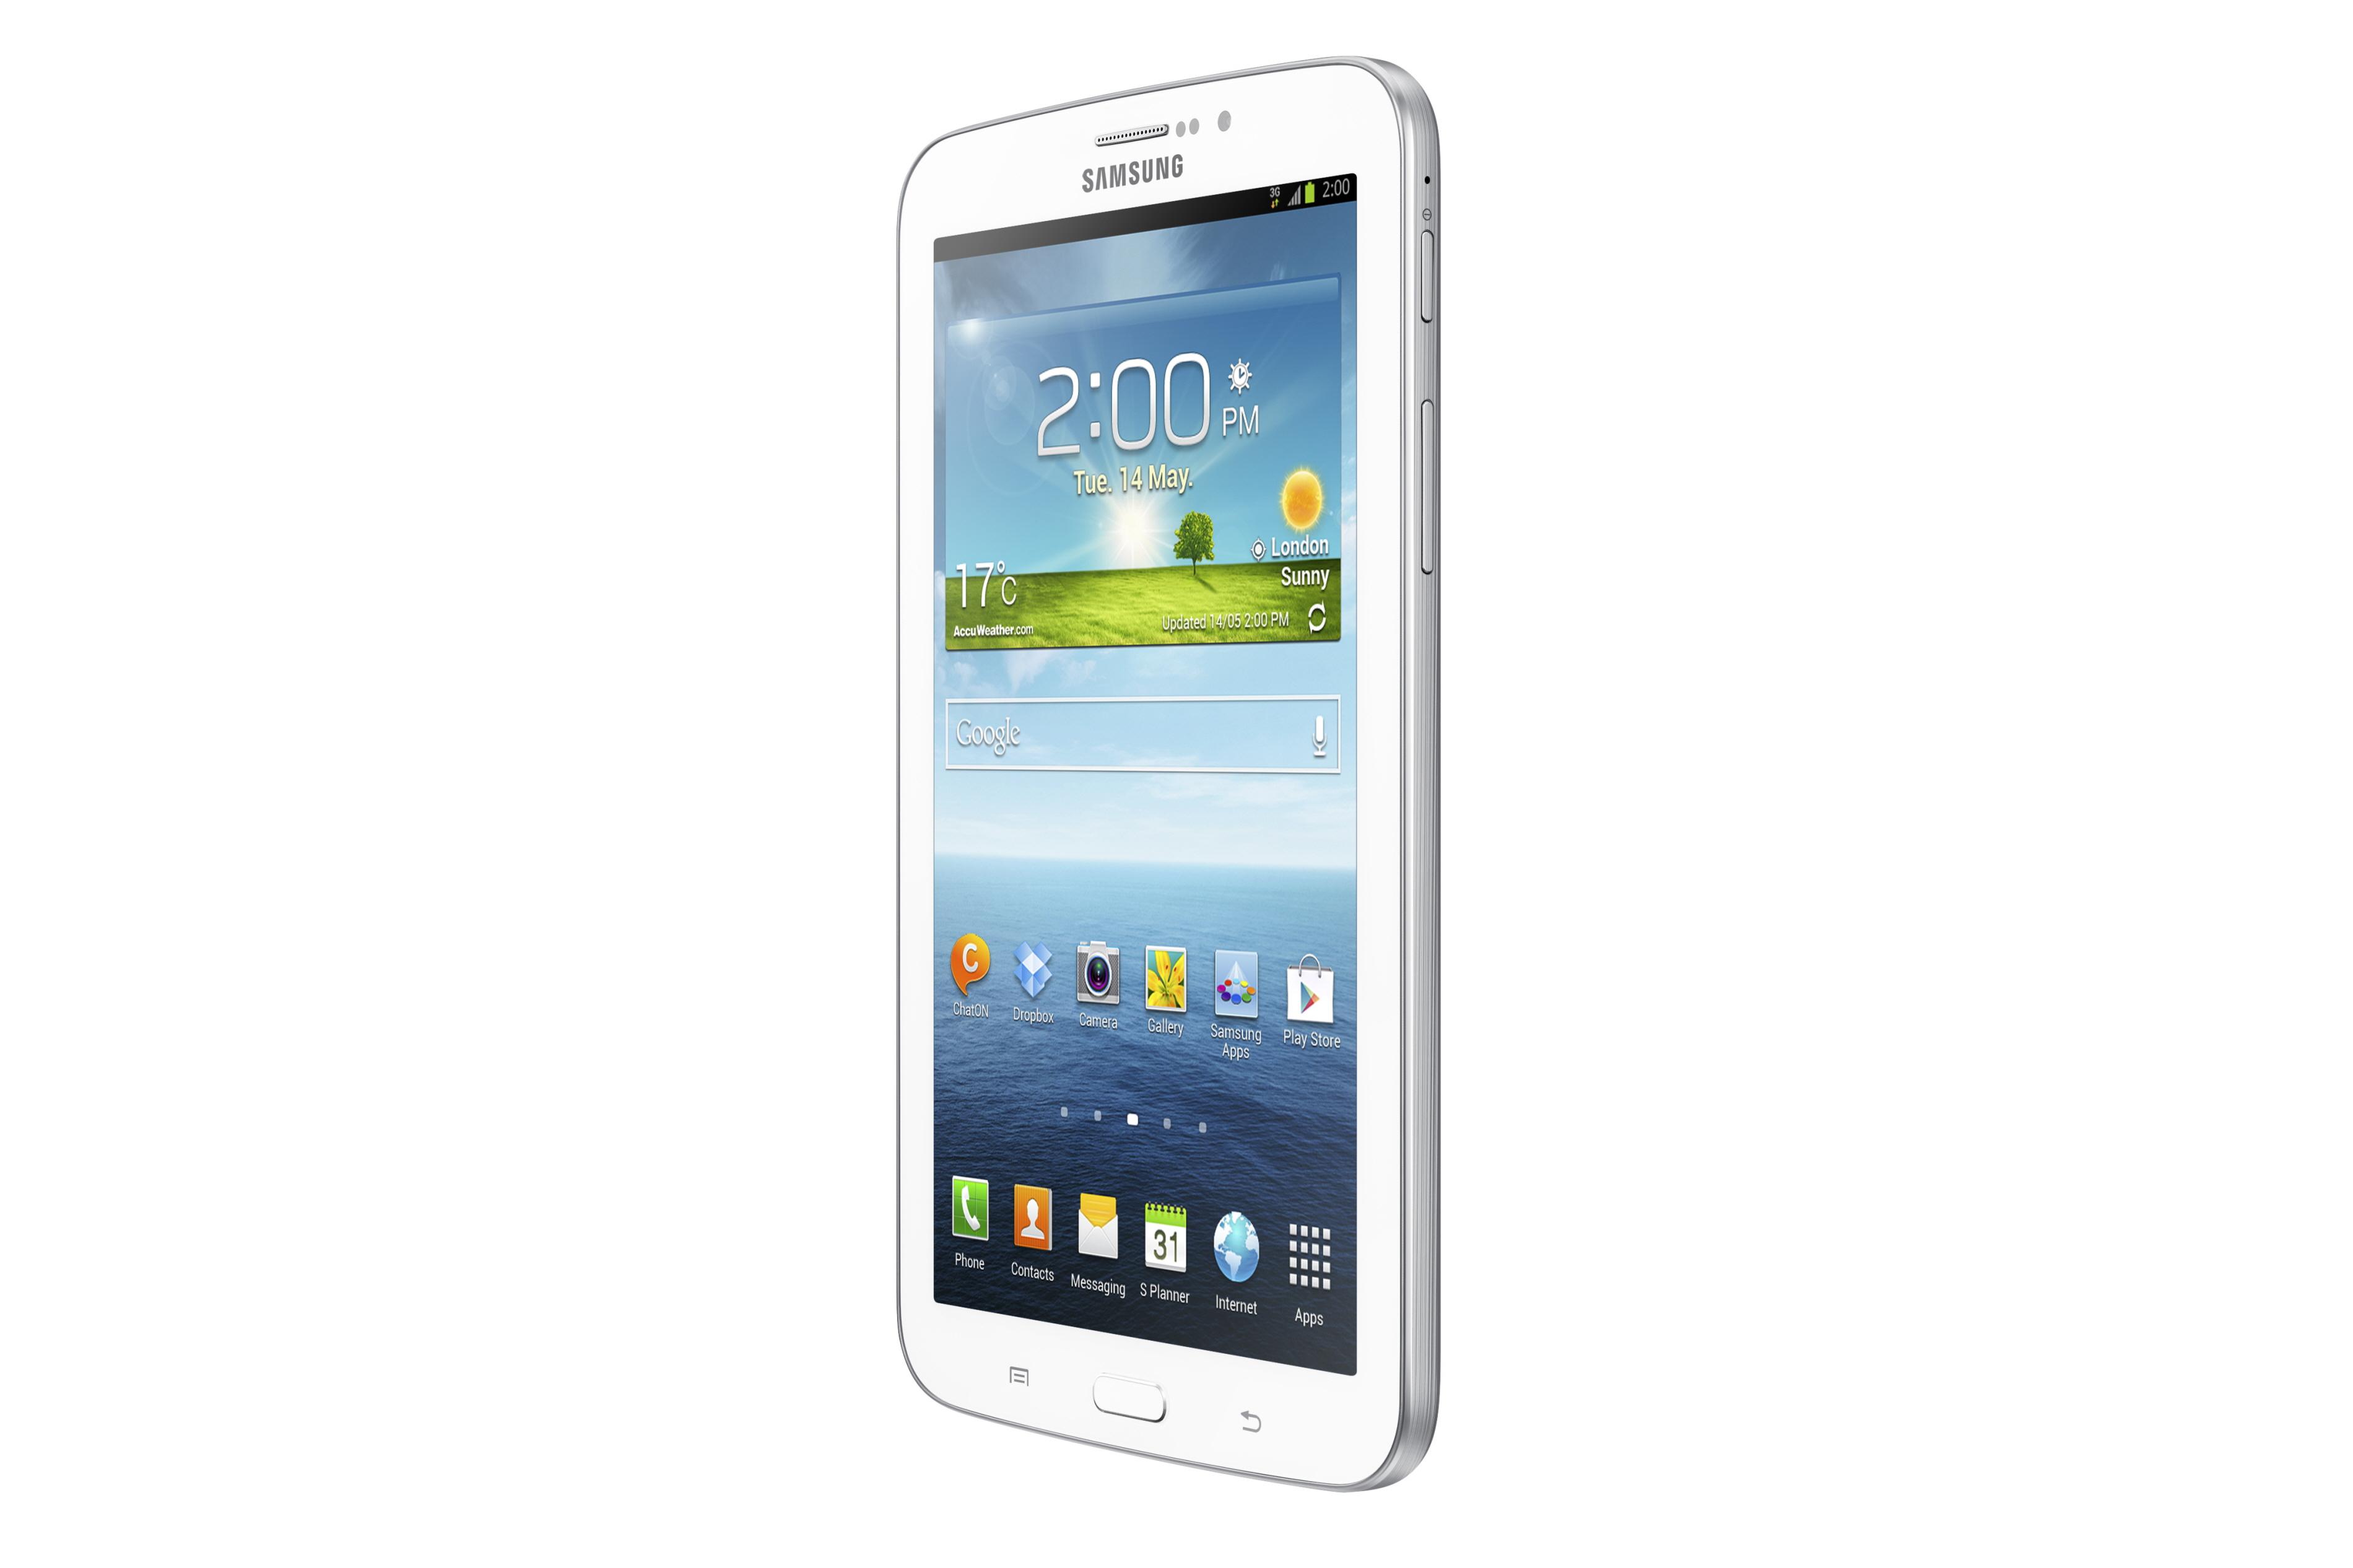 GALAXY Tab 3 7 inch_007_3G